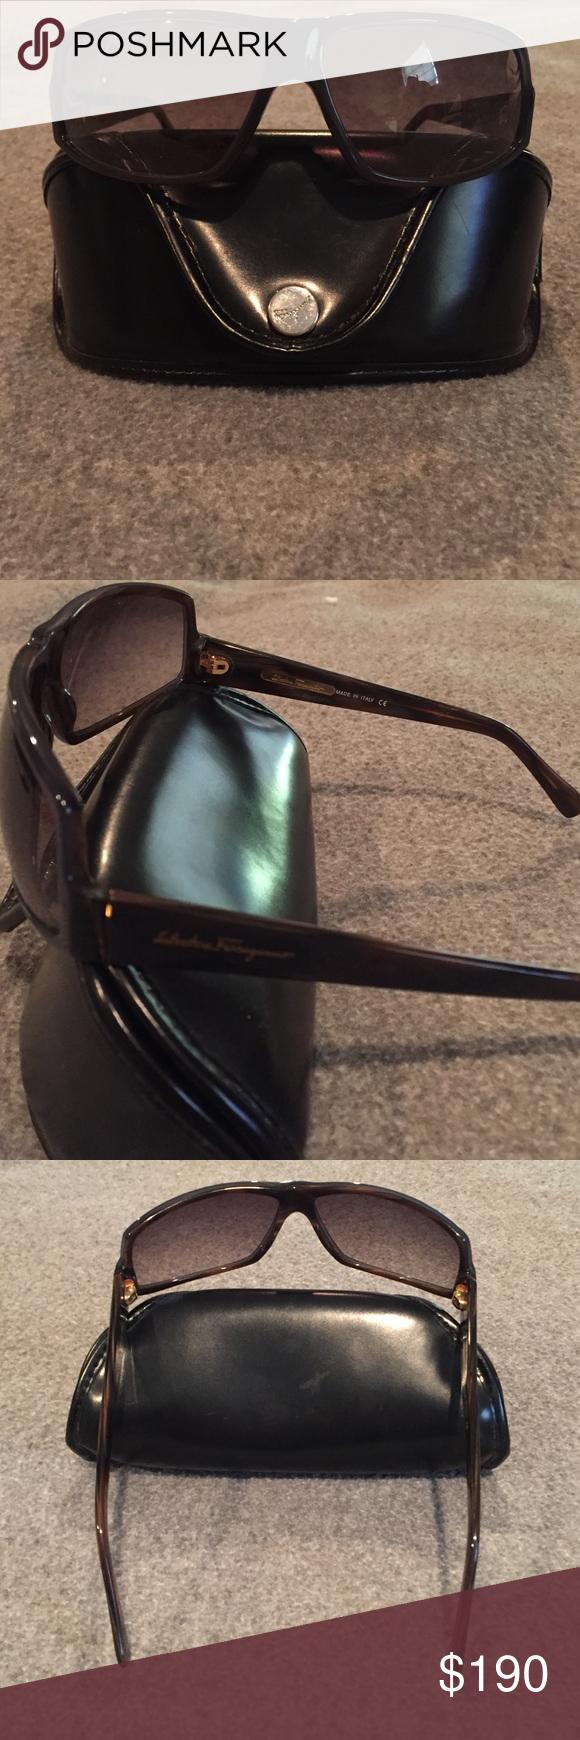 Authentic Salvatore Ferragamo Sunglasses Comes with Ferragamo case & cleaning cloth Salvatore Ferragamo Accessories Sunglasses